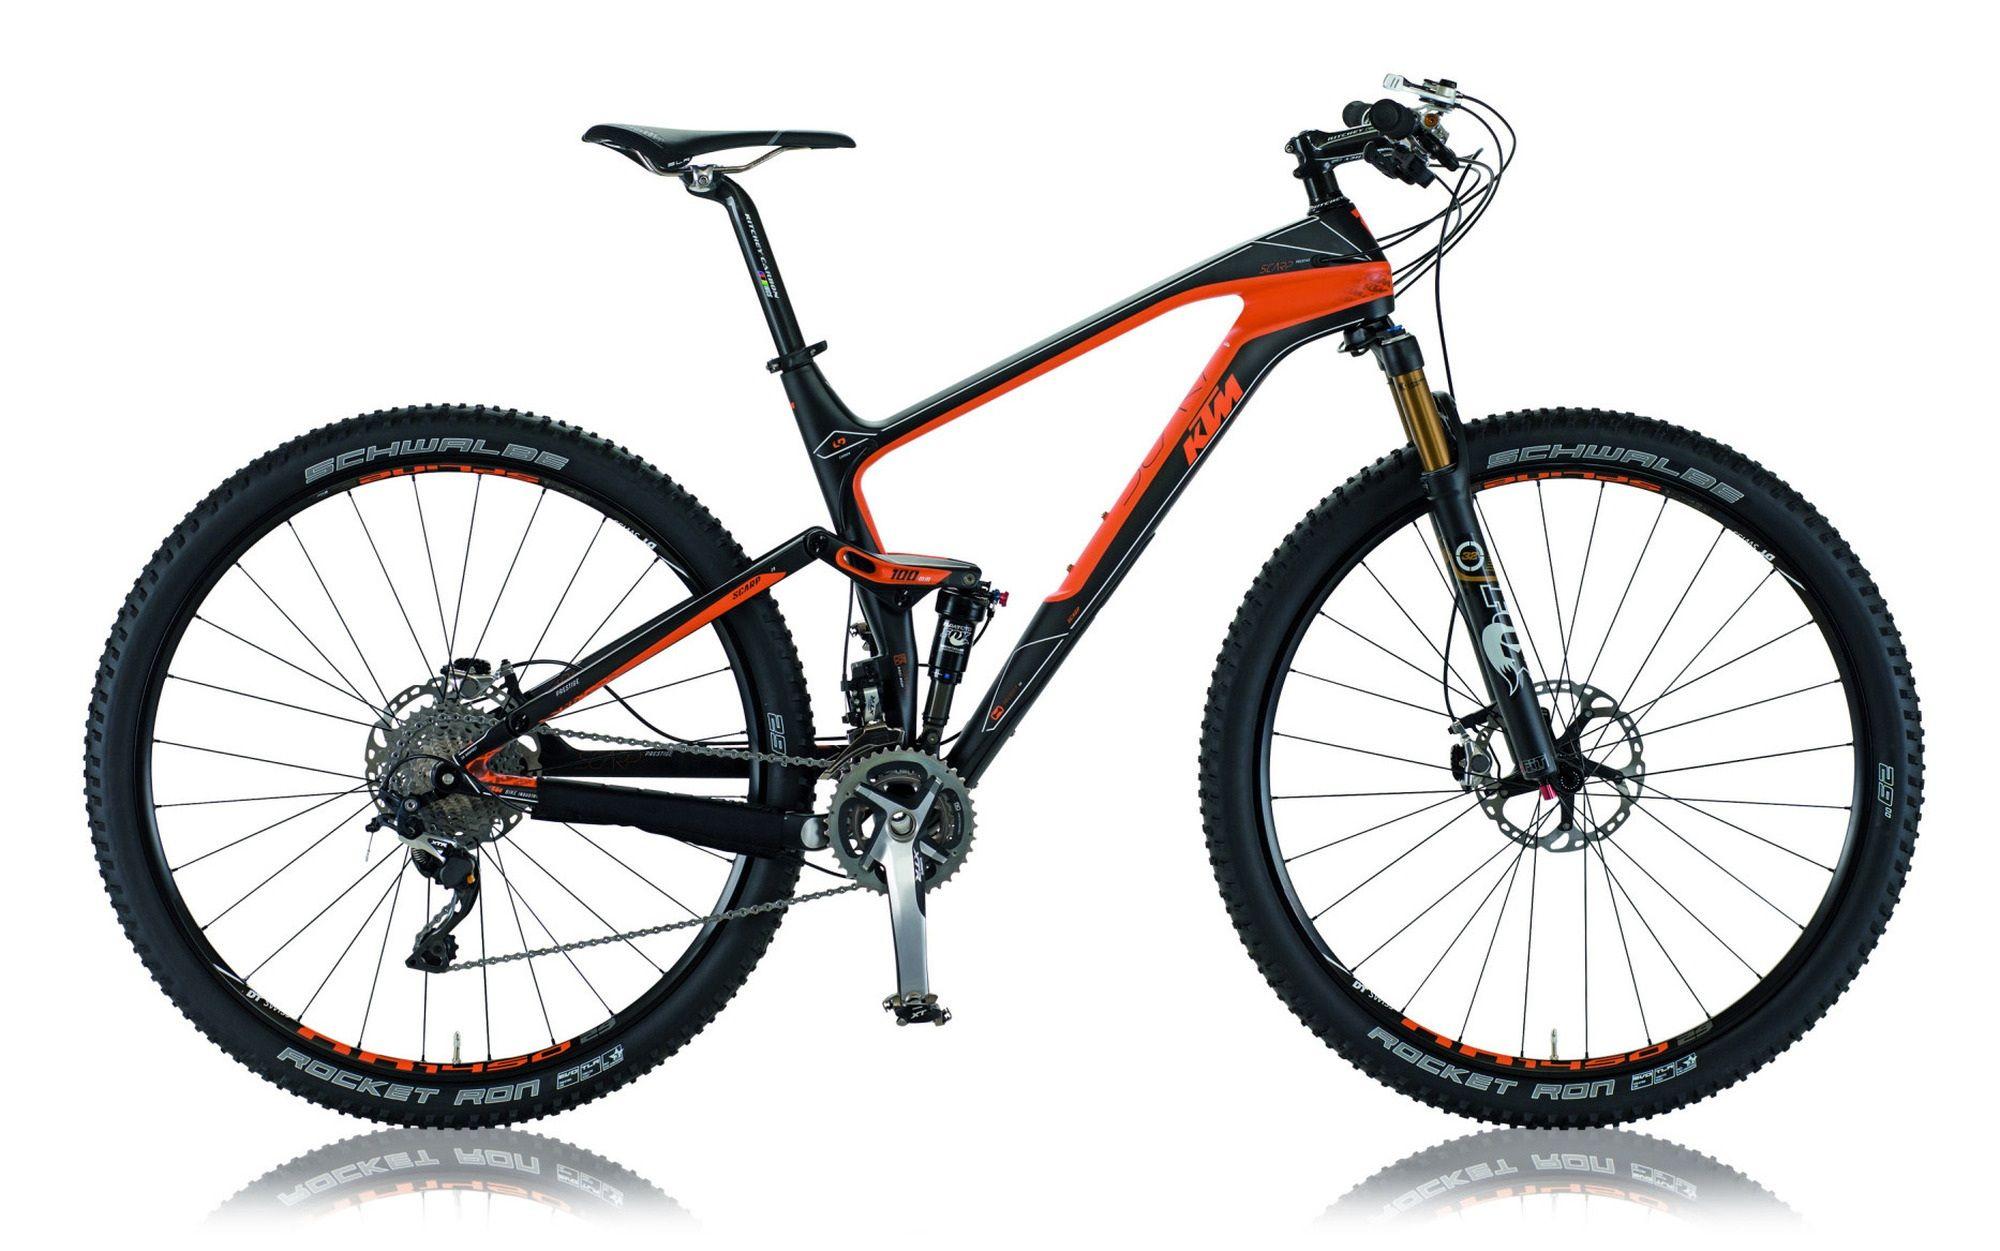 Ktm Scarp 29 Carbon M 1396 Bicycle Mountain Bike Ktm Bike